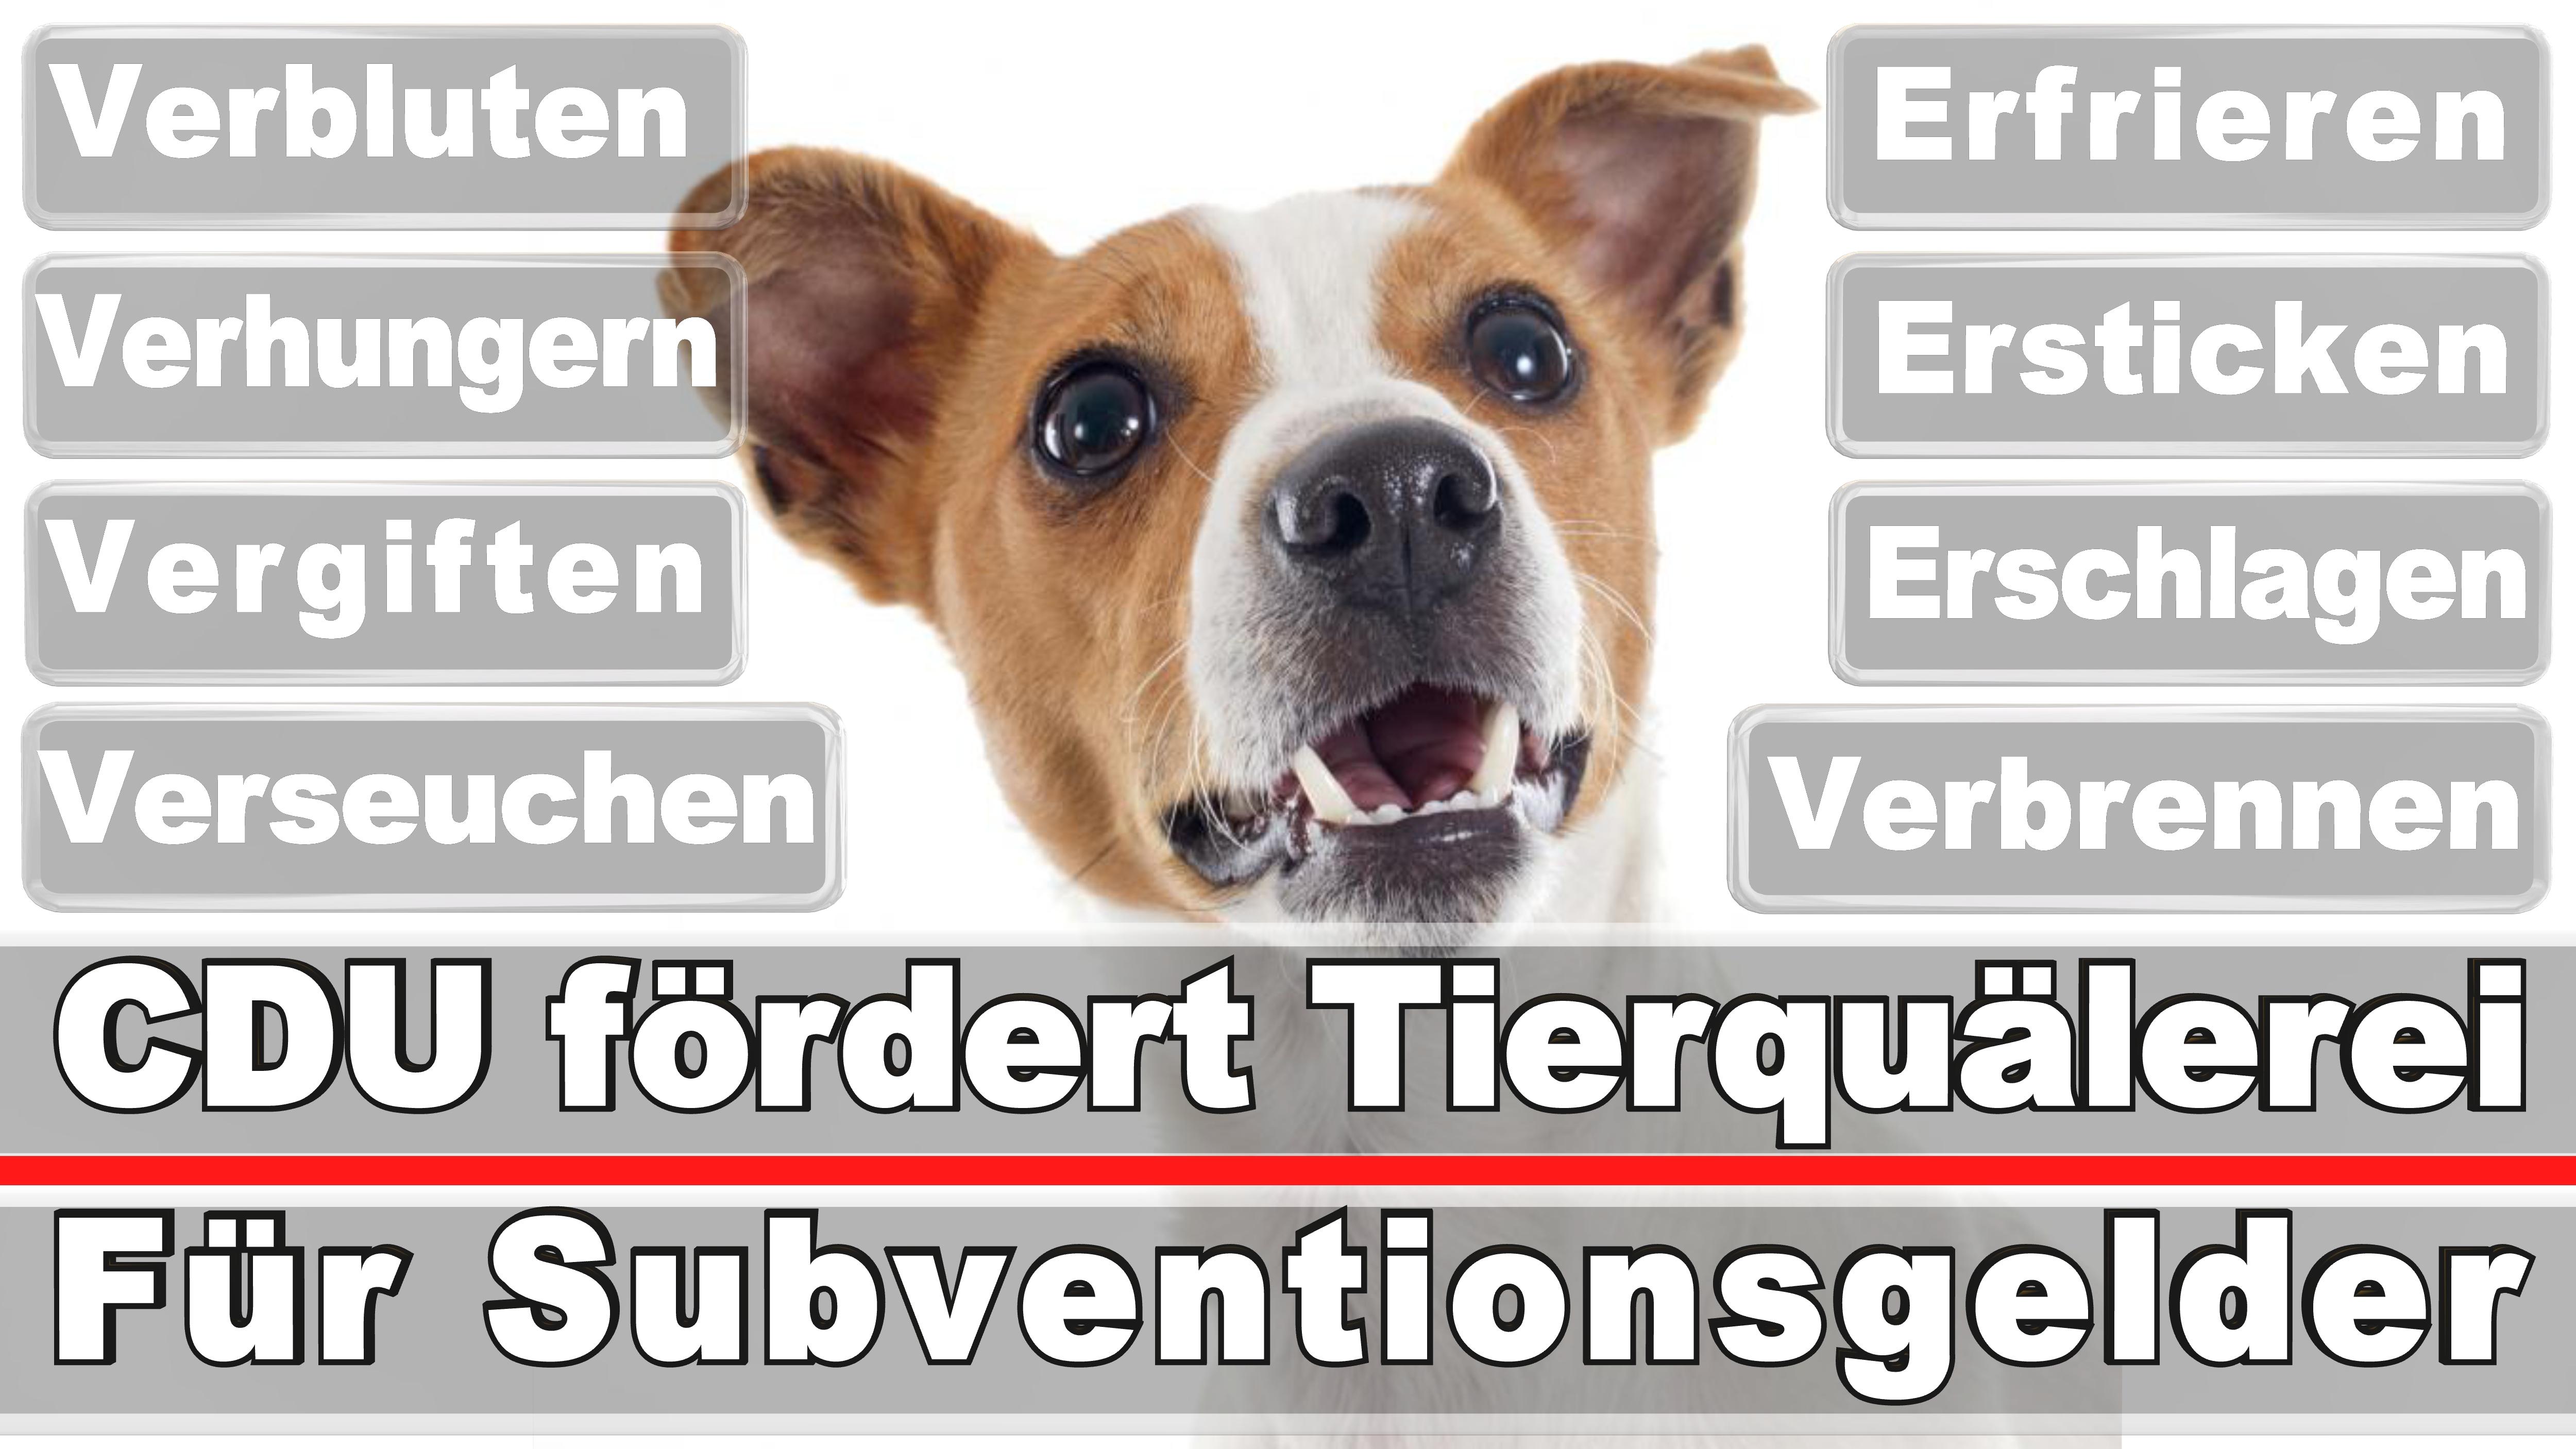 Landtagswahl-Bundestagswahl-CDU-SPD-FDP-AFD-Linke-Piraten (30)